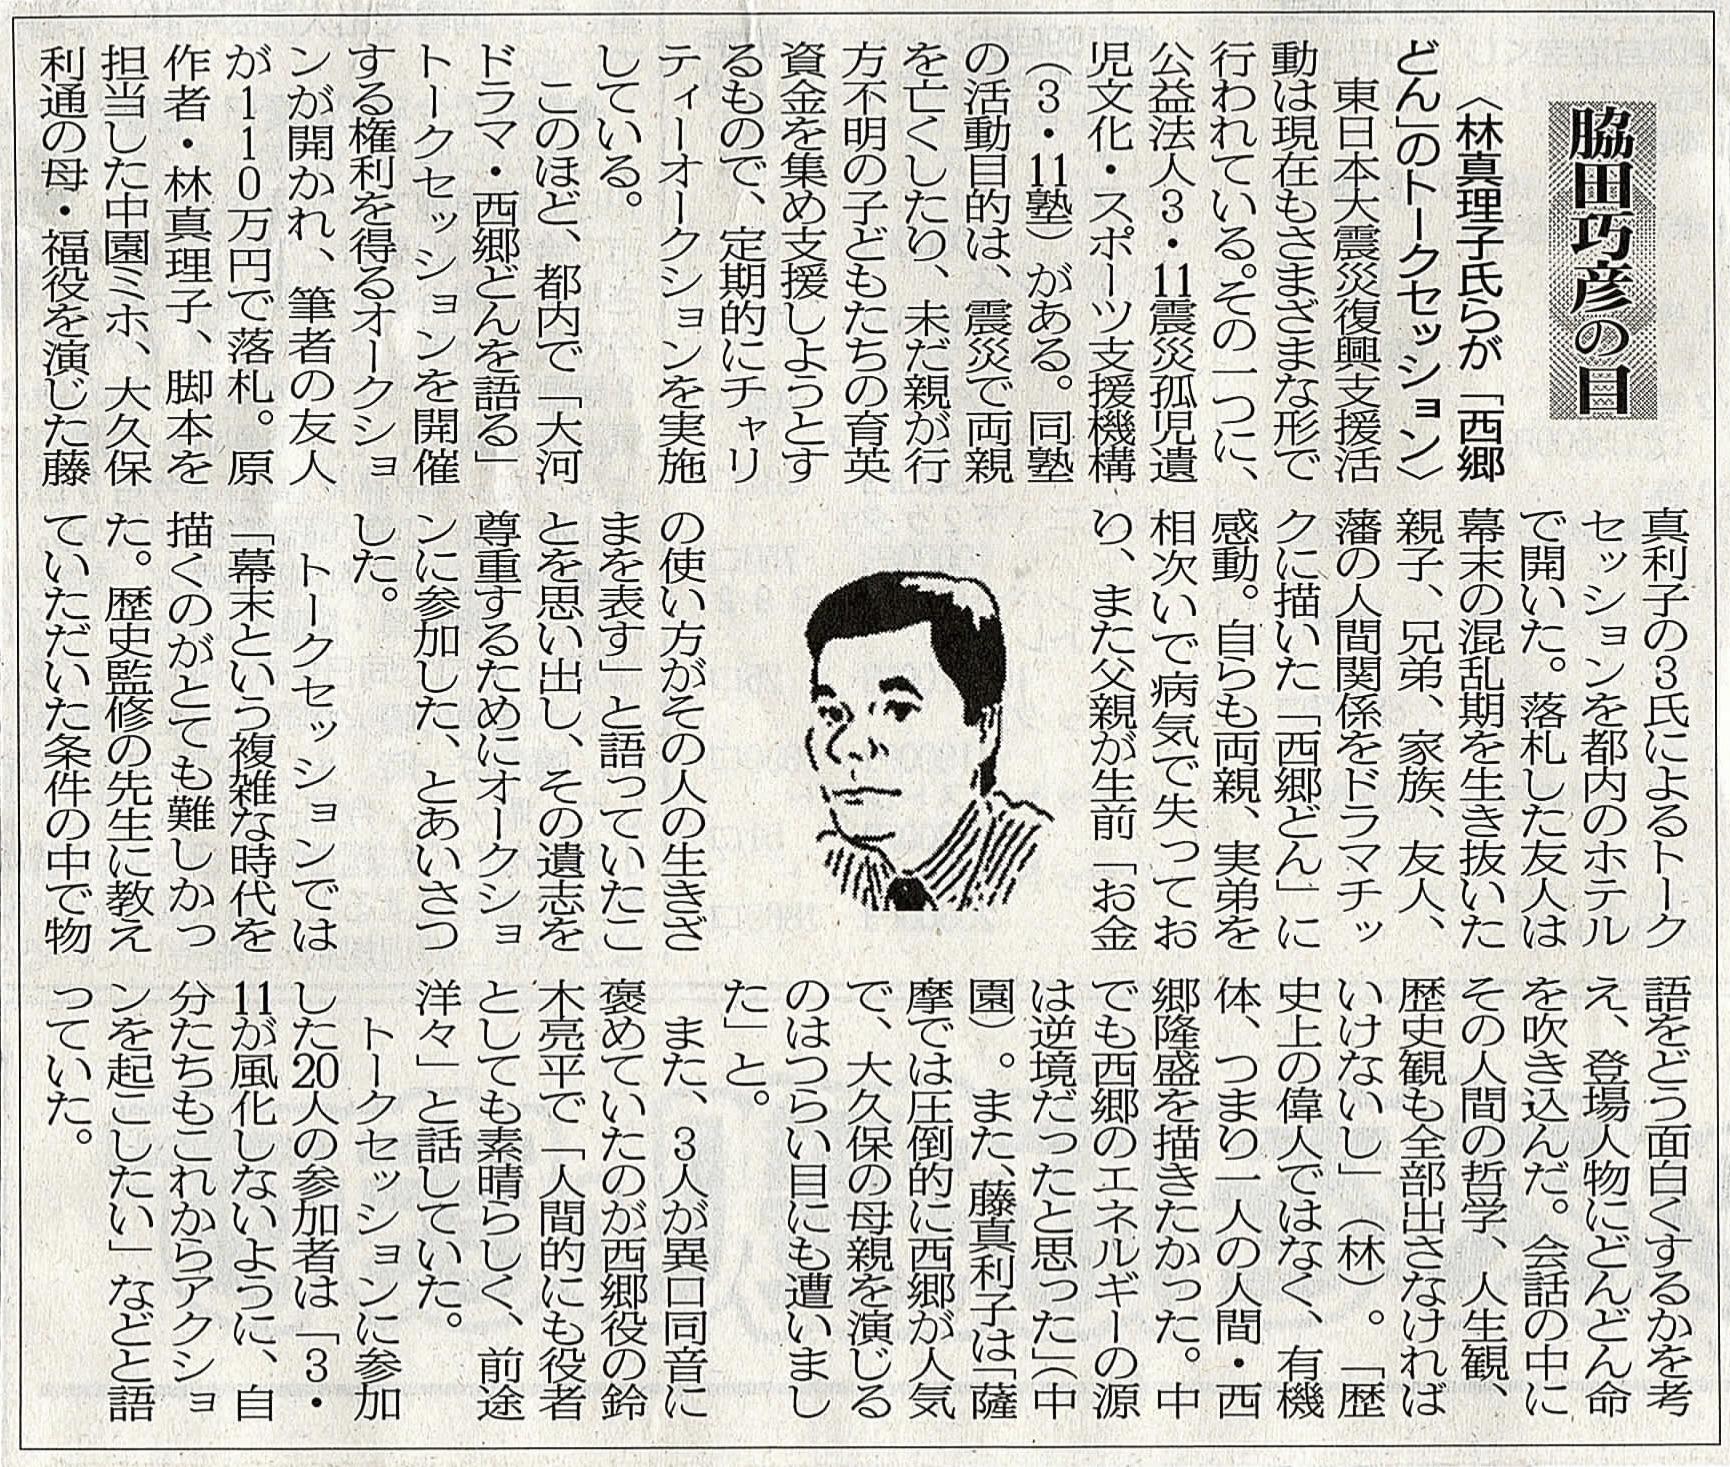 2019年04月20日 林真理子氏らが「西郷どん」のトークセッション